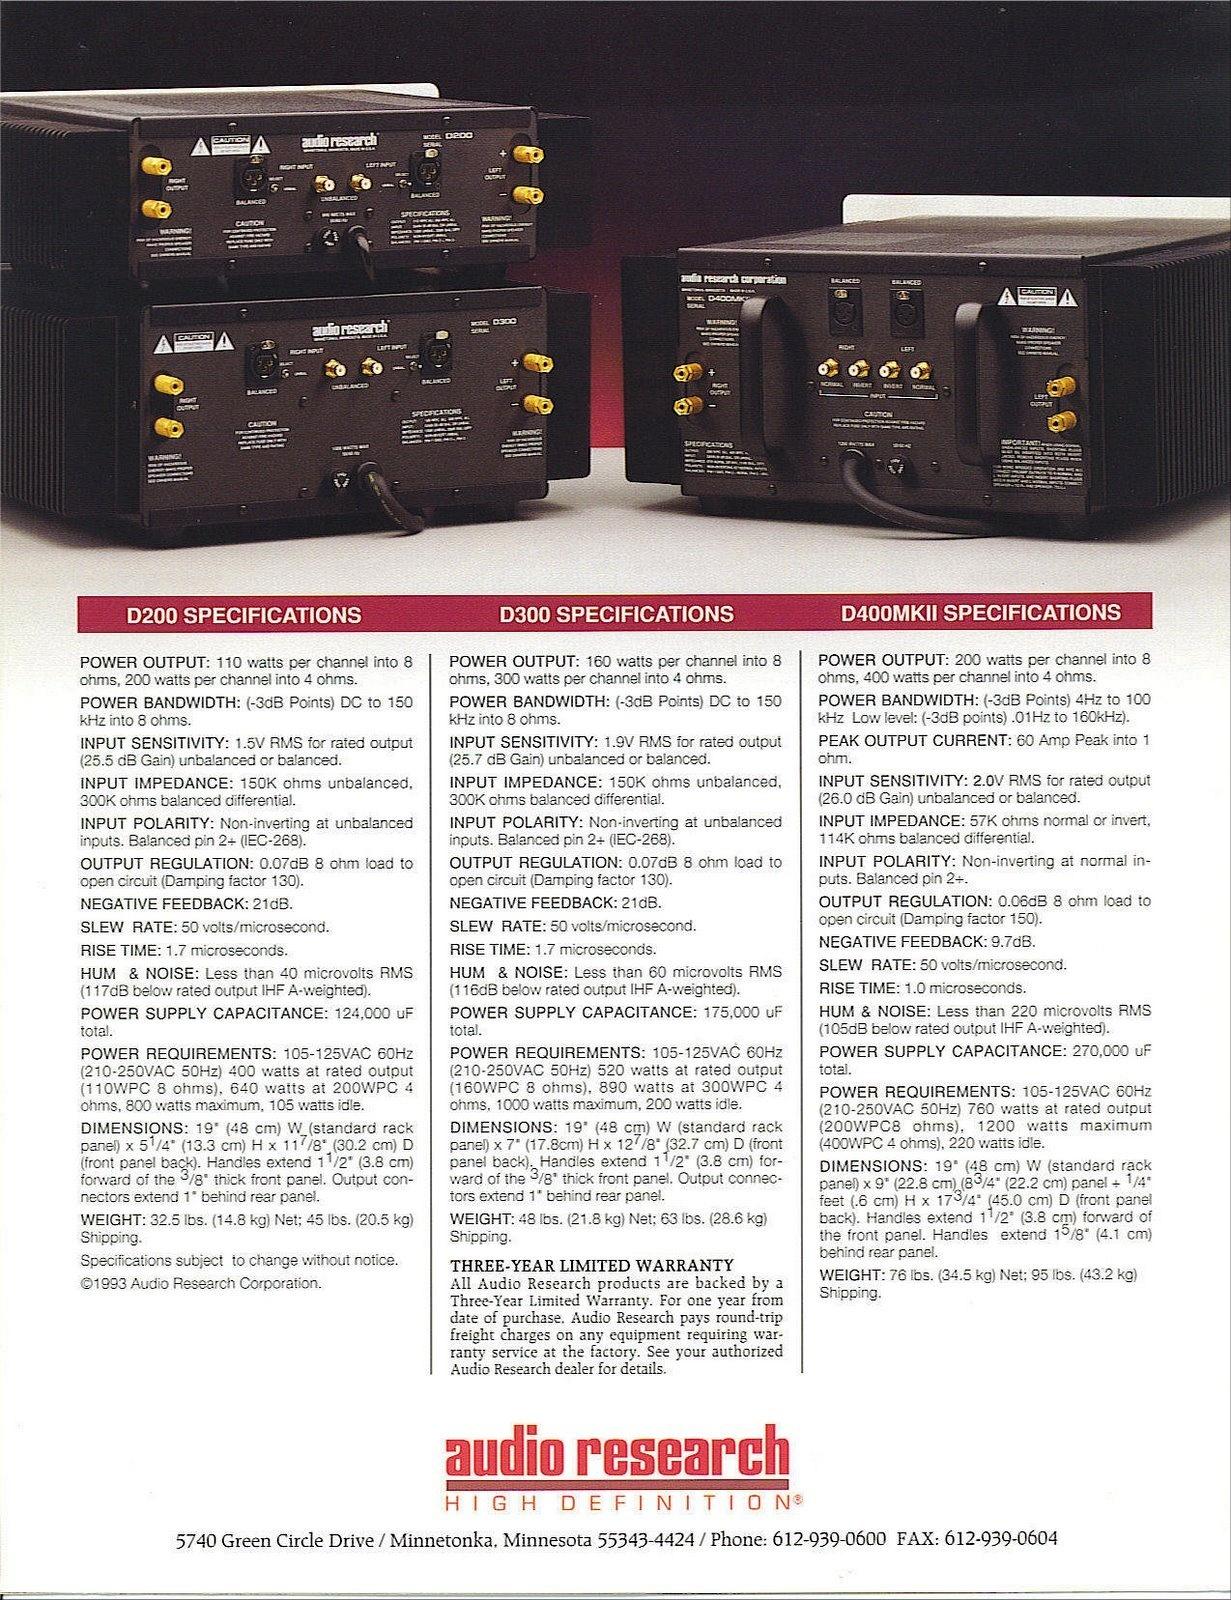 ARC_D200_D300_D400MKII_flyer4.jpg